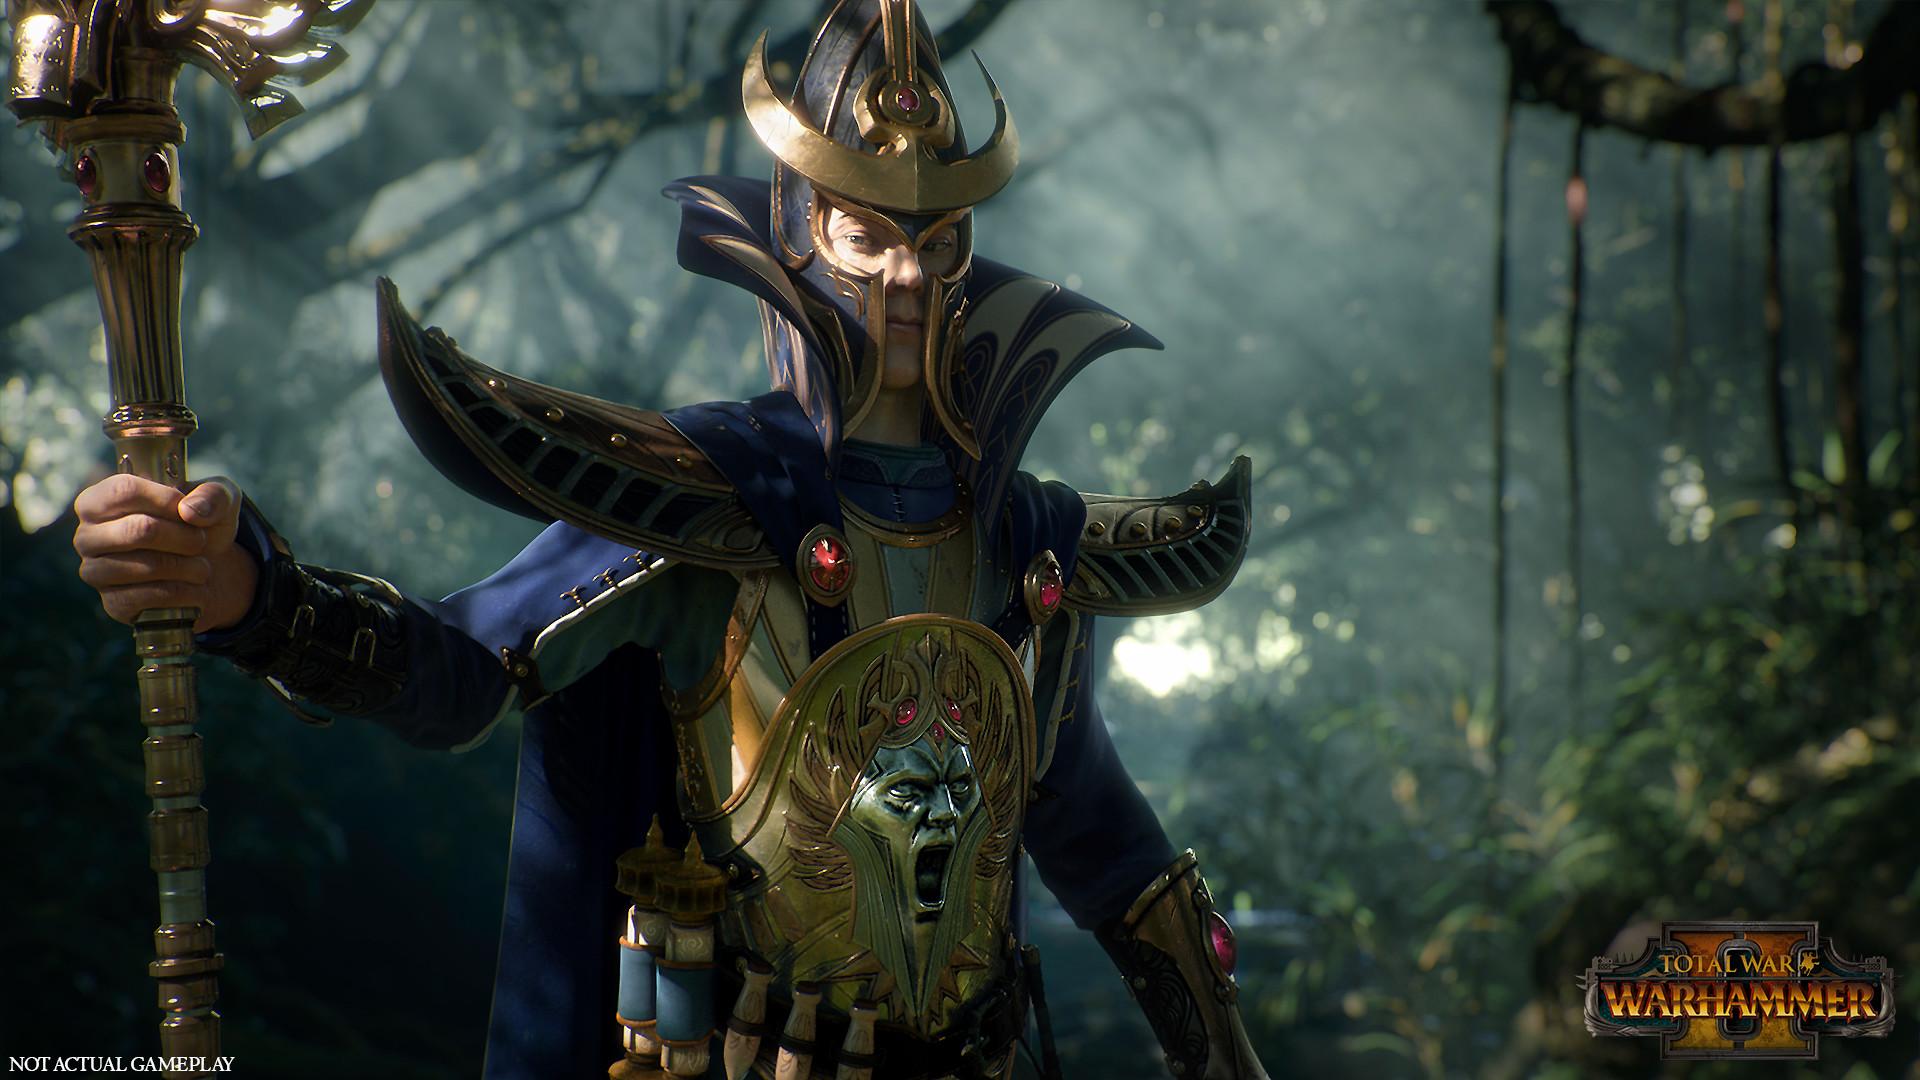 Už koncem roku vyjde Total War: Warhammer 2 141328